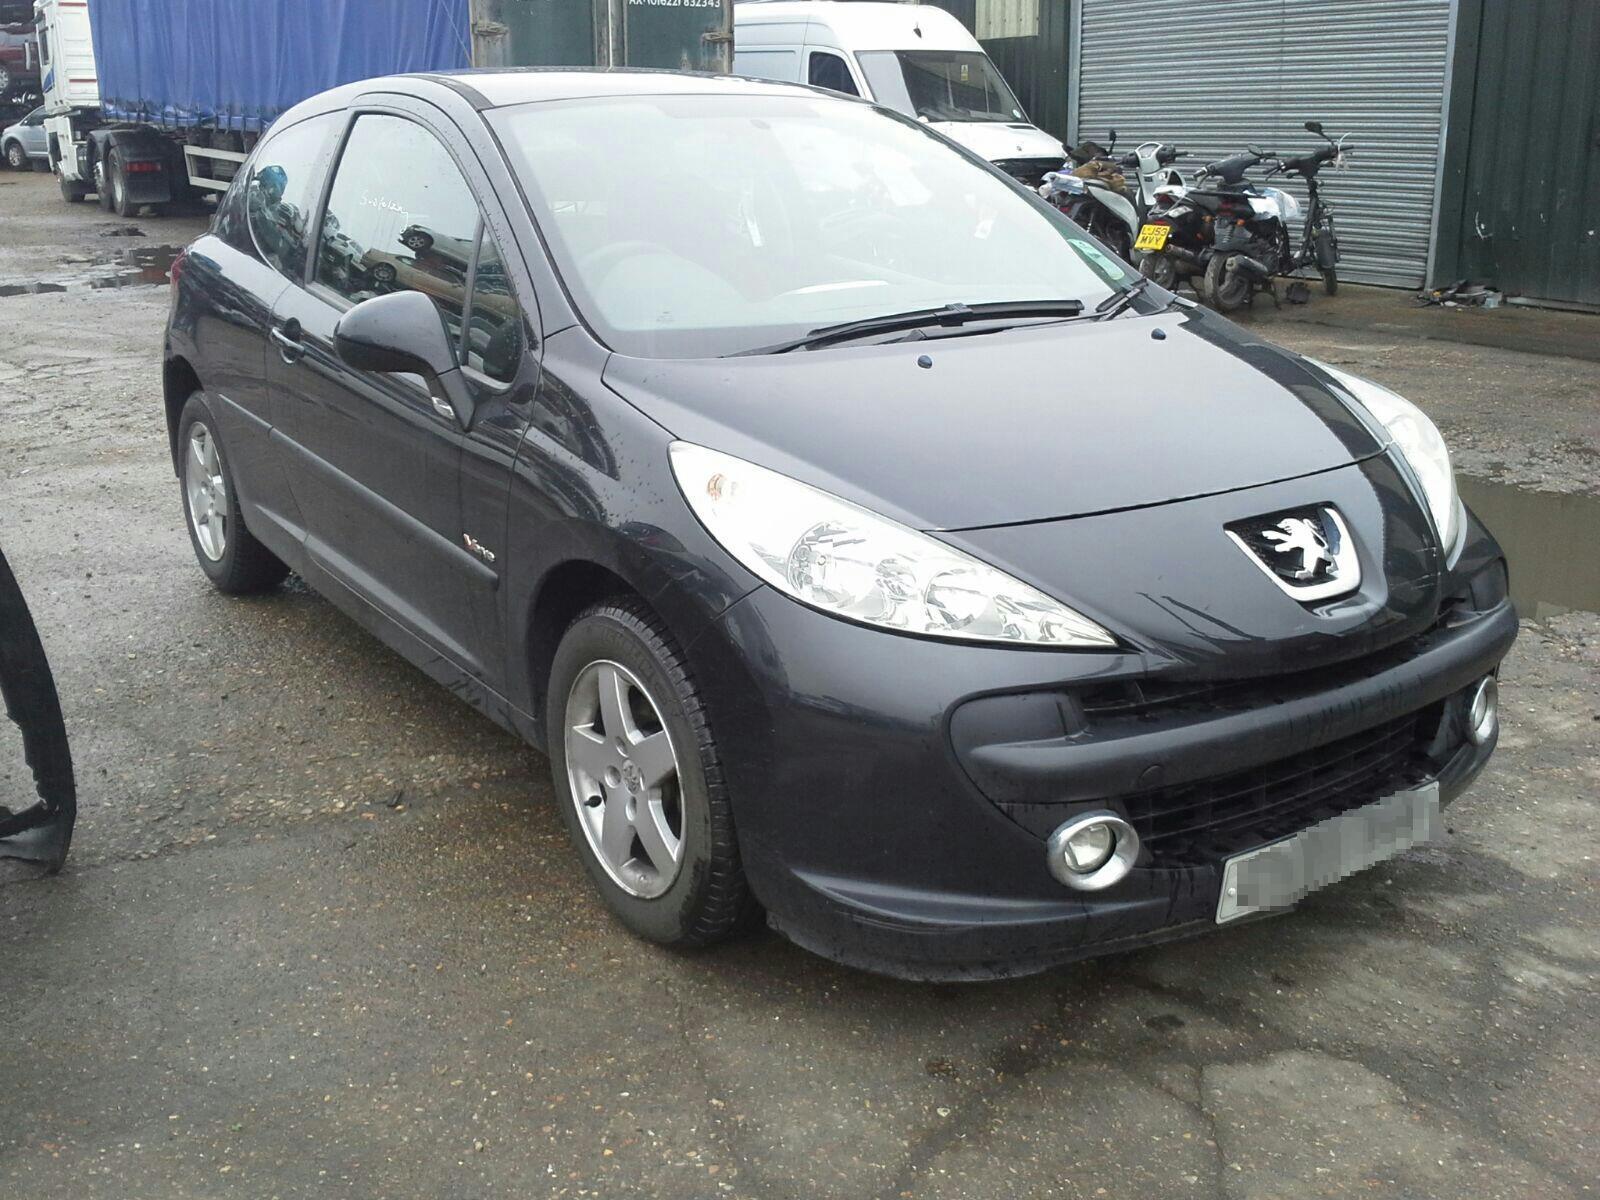 Peugeot 207 2006 To 2009 3 Door Hatchback